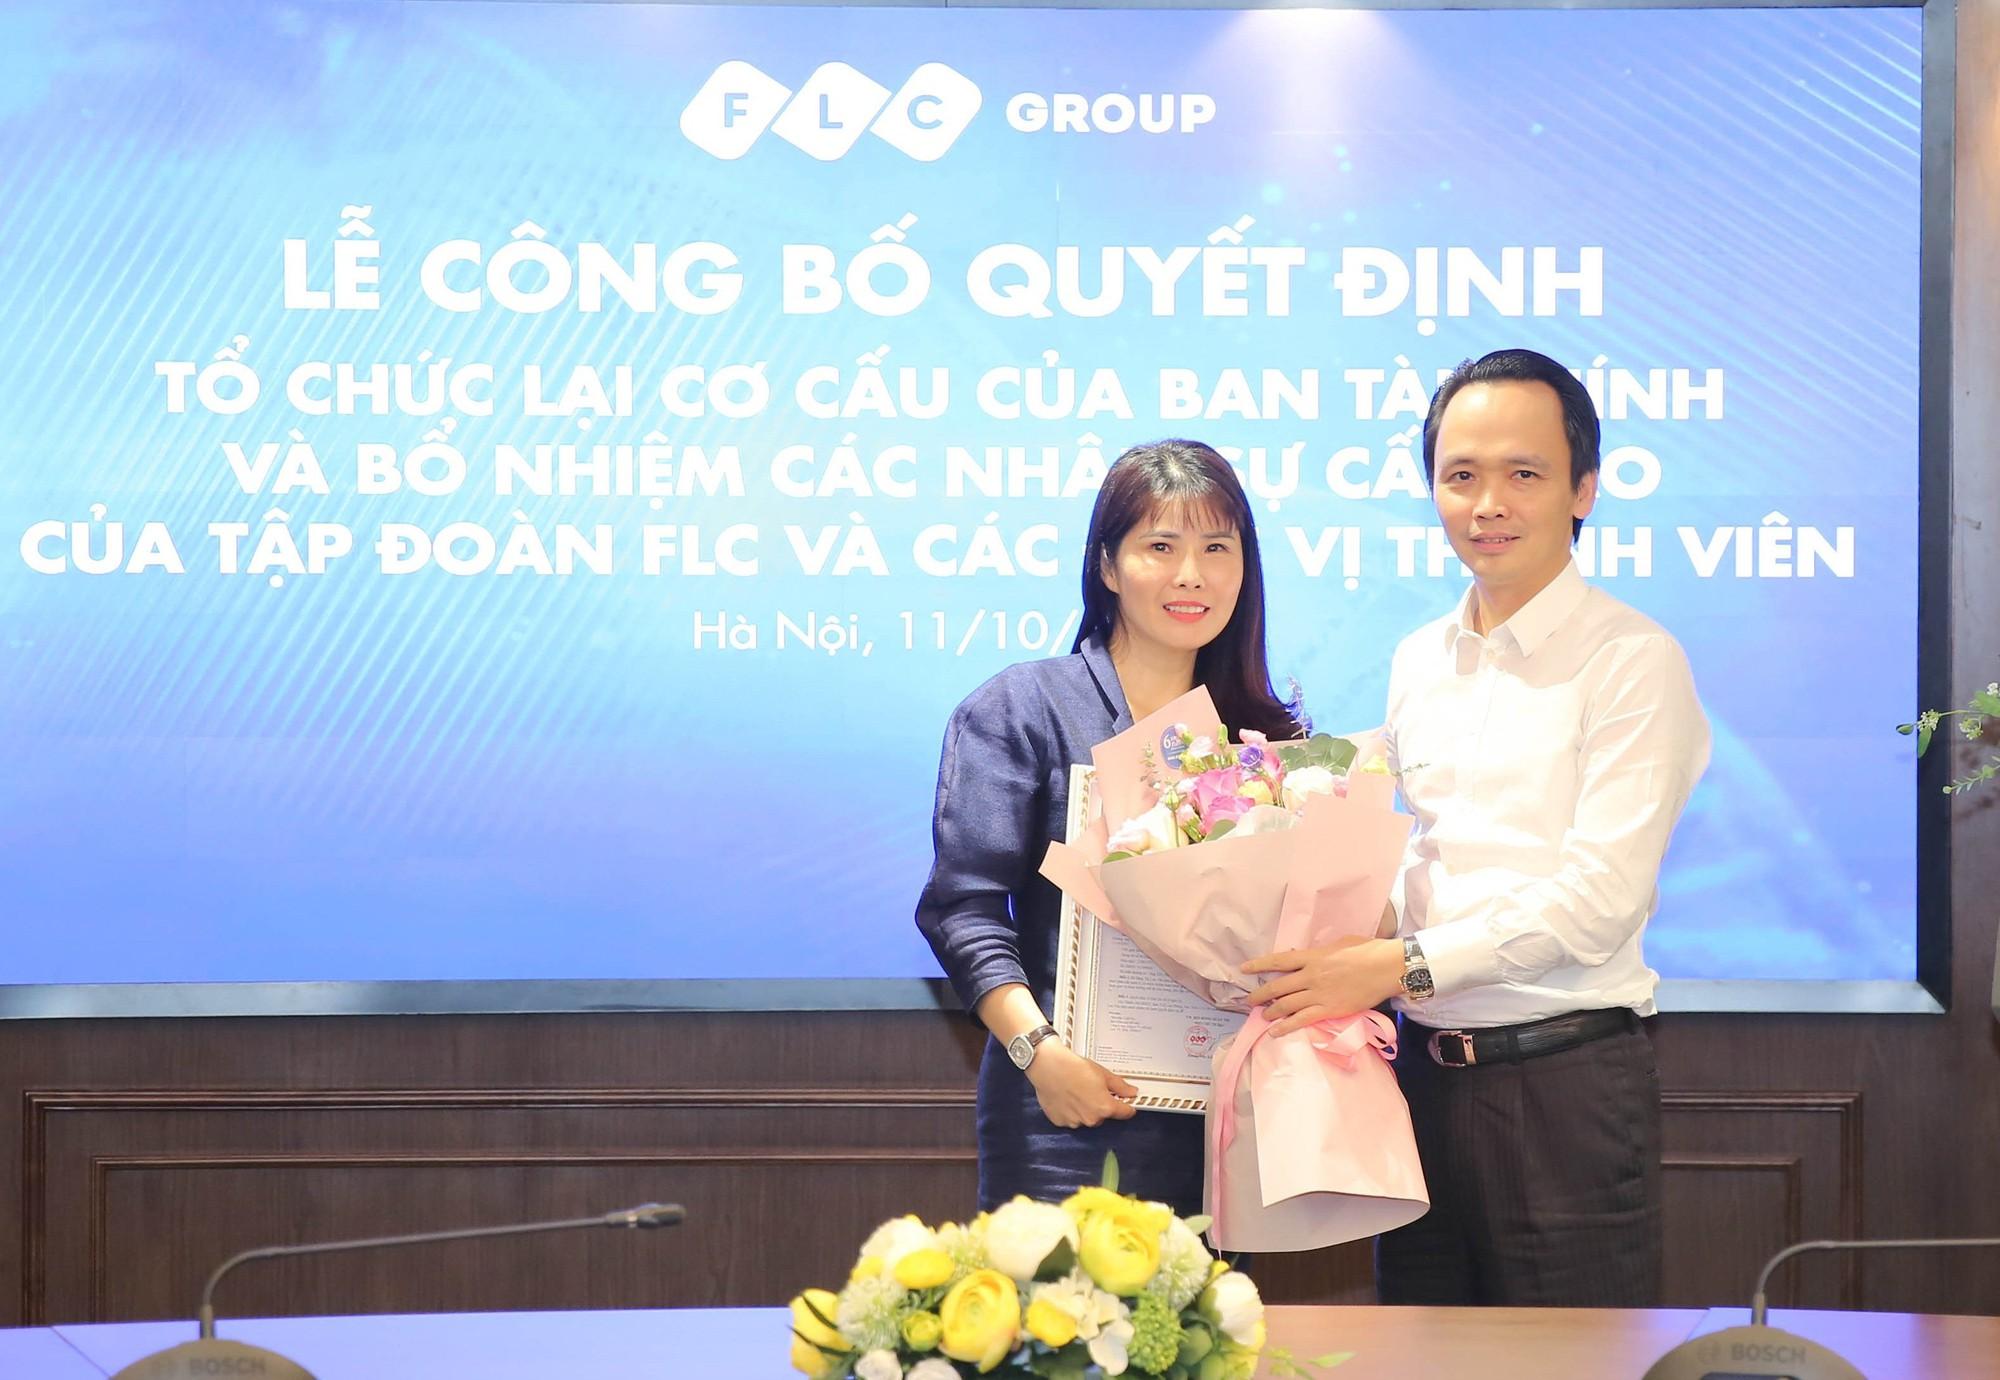 Cựu Phó TGĐ Sunshine Group gia nhập Tập đoàn FLC - Ảnh 1.